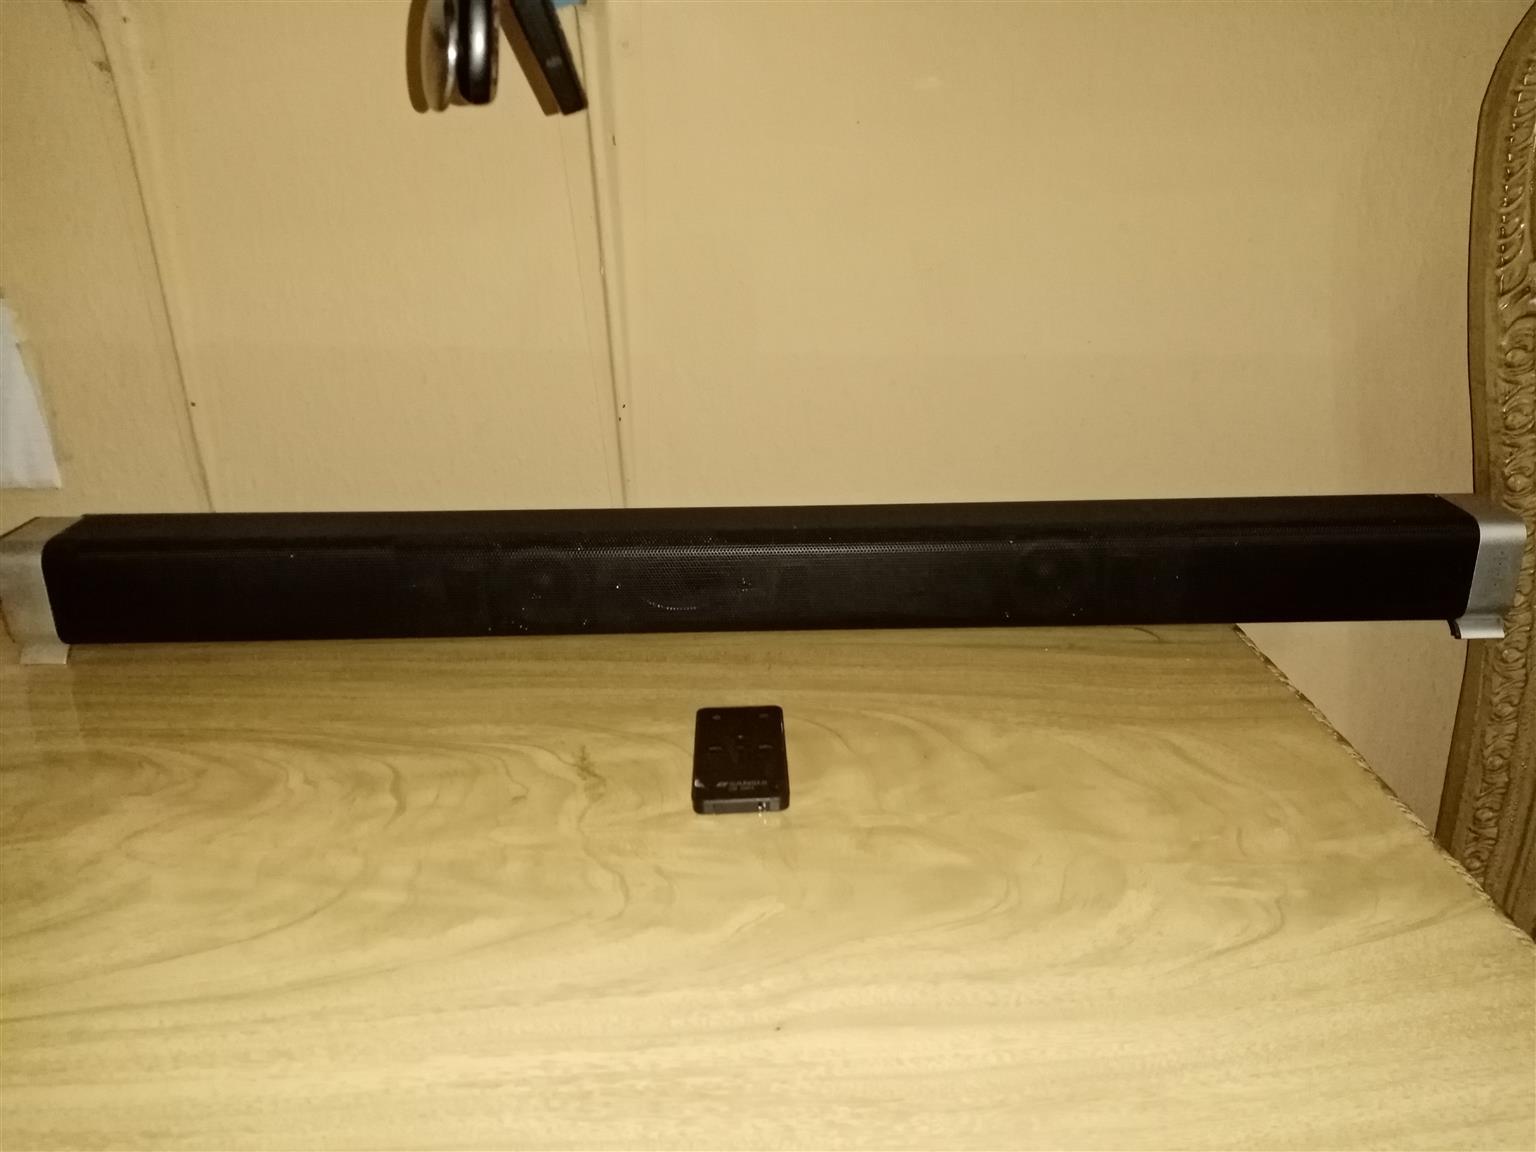 Sansui sound bar